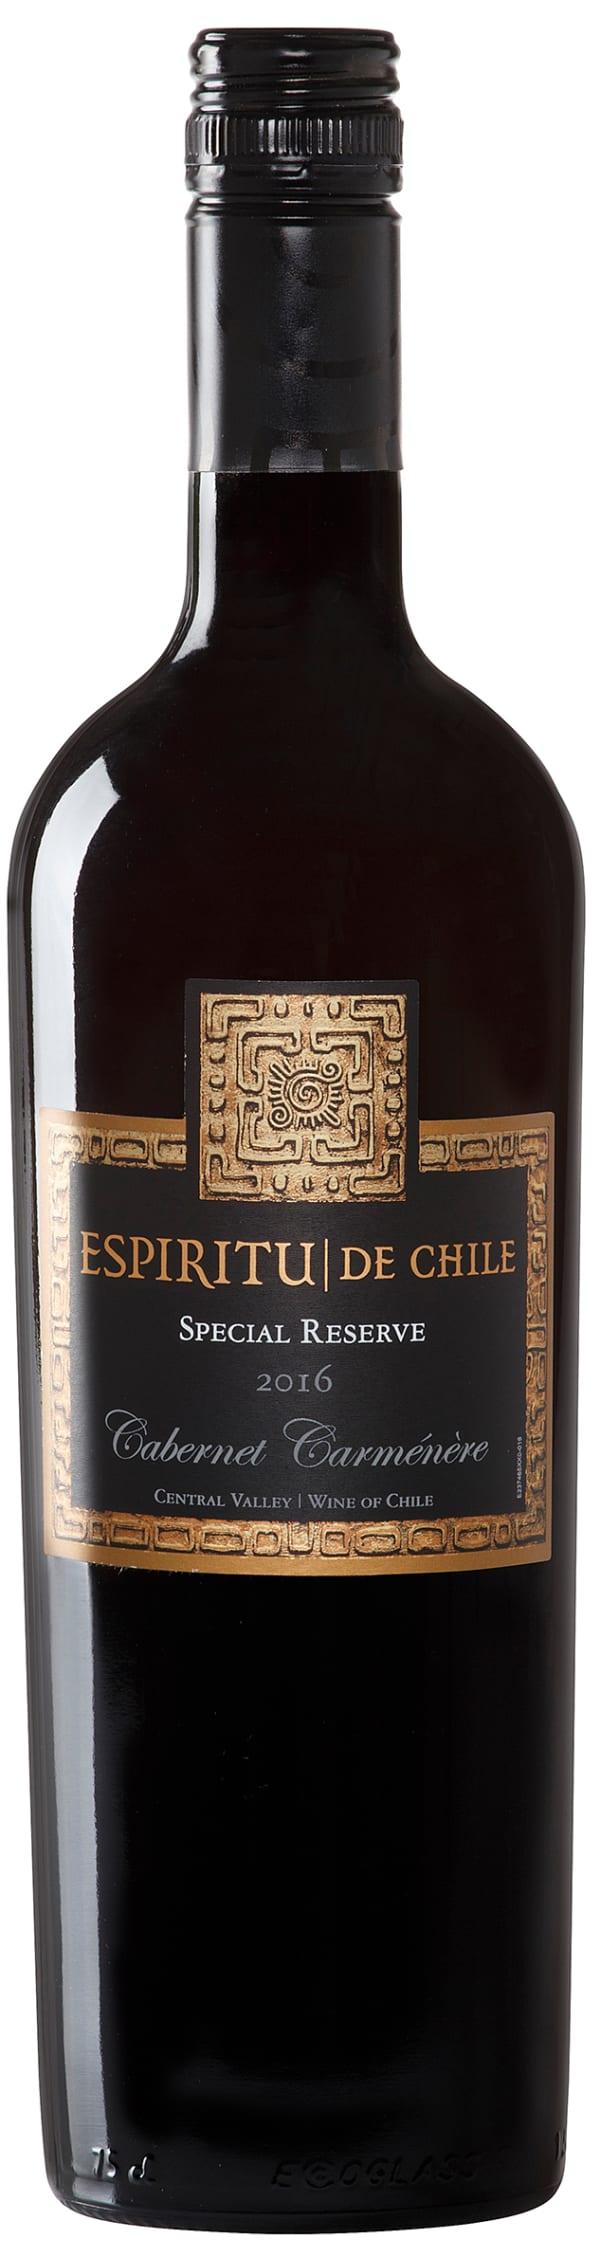 Espiritu de Chile Special Reserve Cabernet Carménère 2016